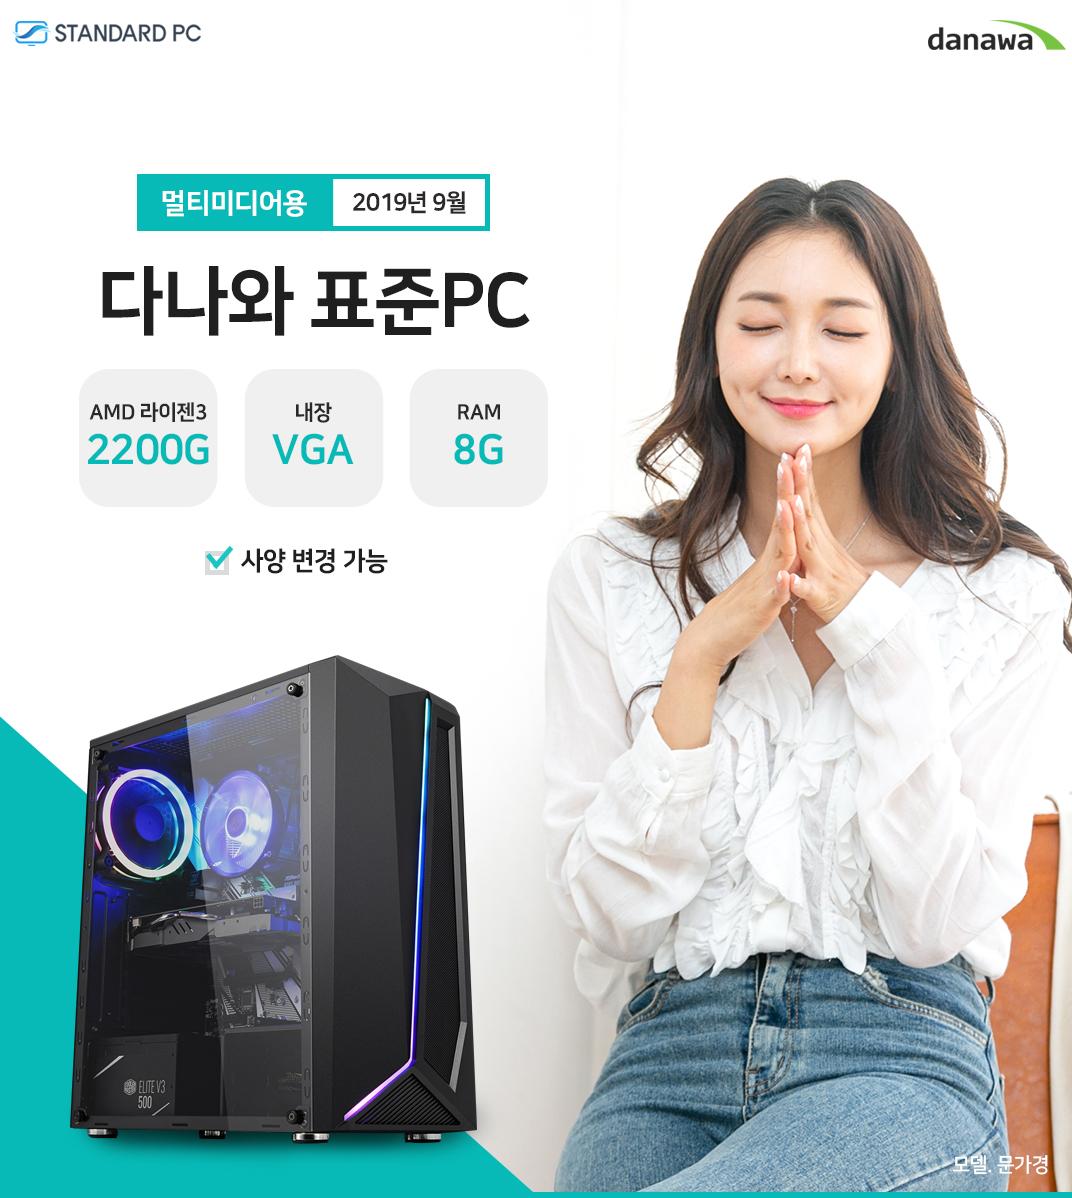 2019년 9월 다나와 표준PC 멀티미디어용 AMD 라이젠 3 2200G 내장 VGA RAM 8G 모델 문가경